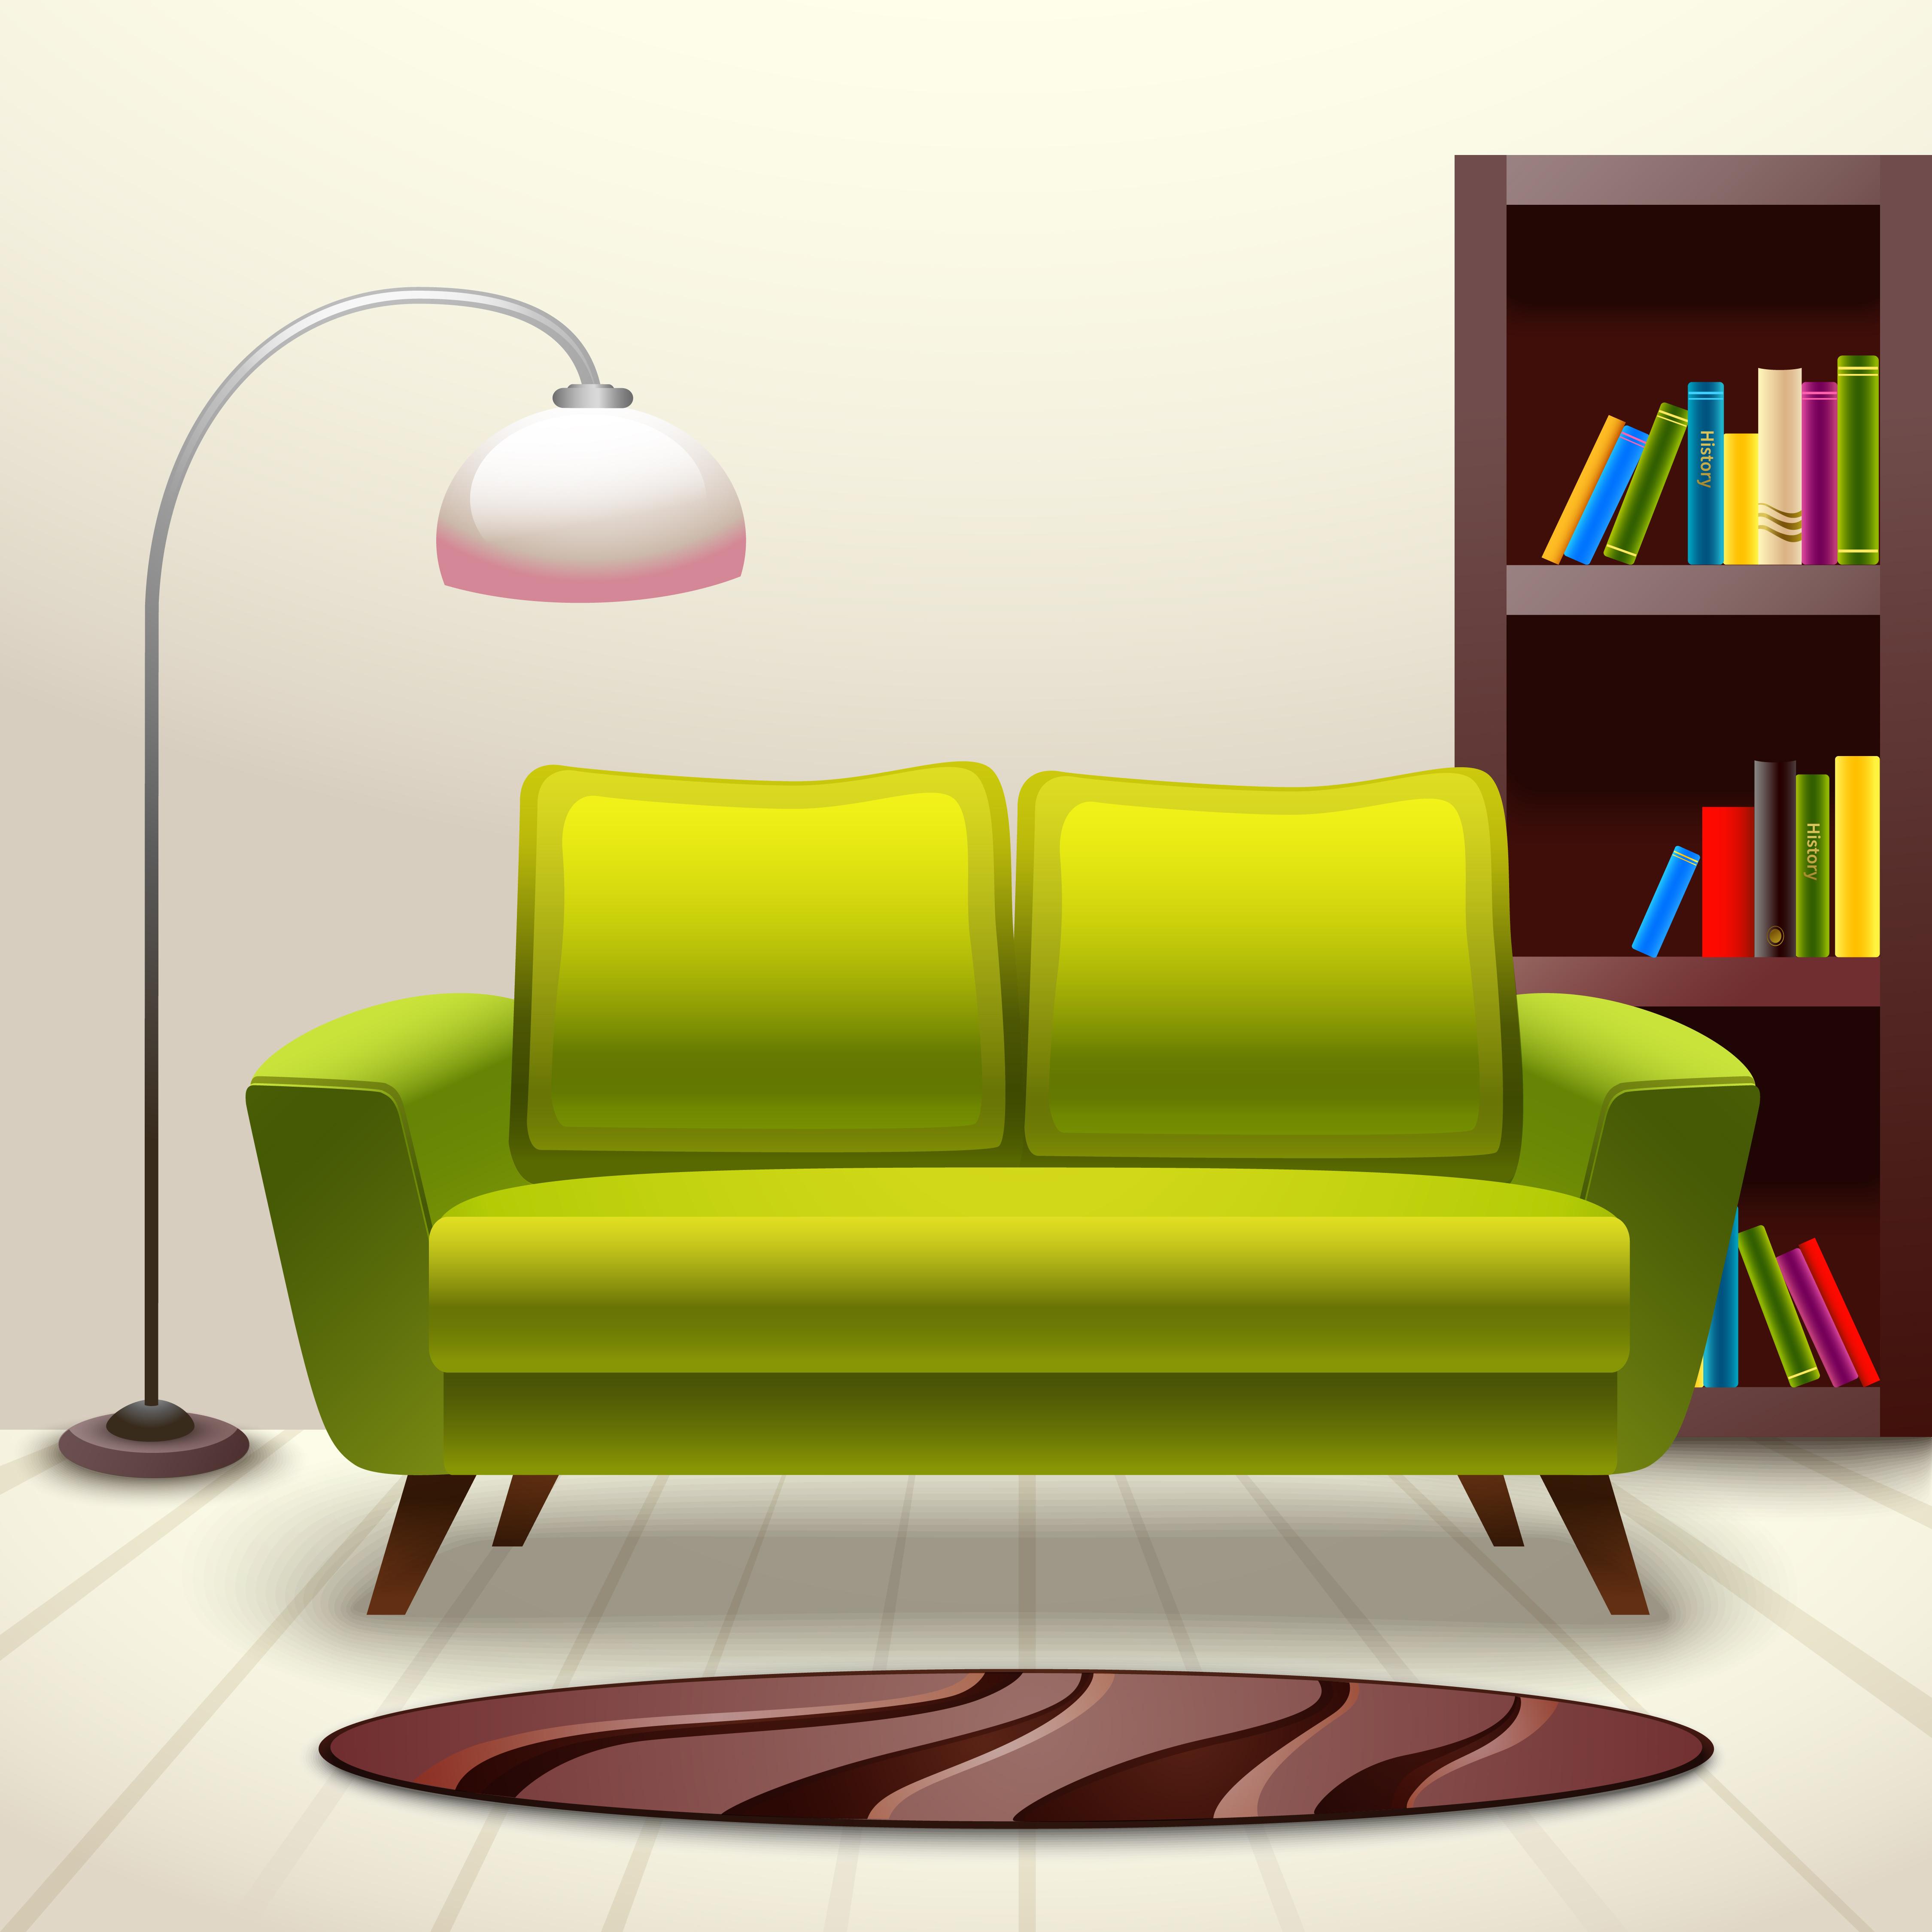 Interior design sofa - Download Free Vectors, Clipart ...